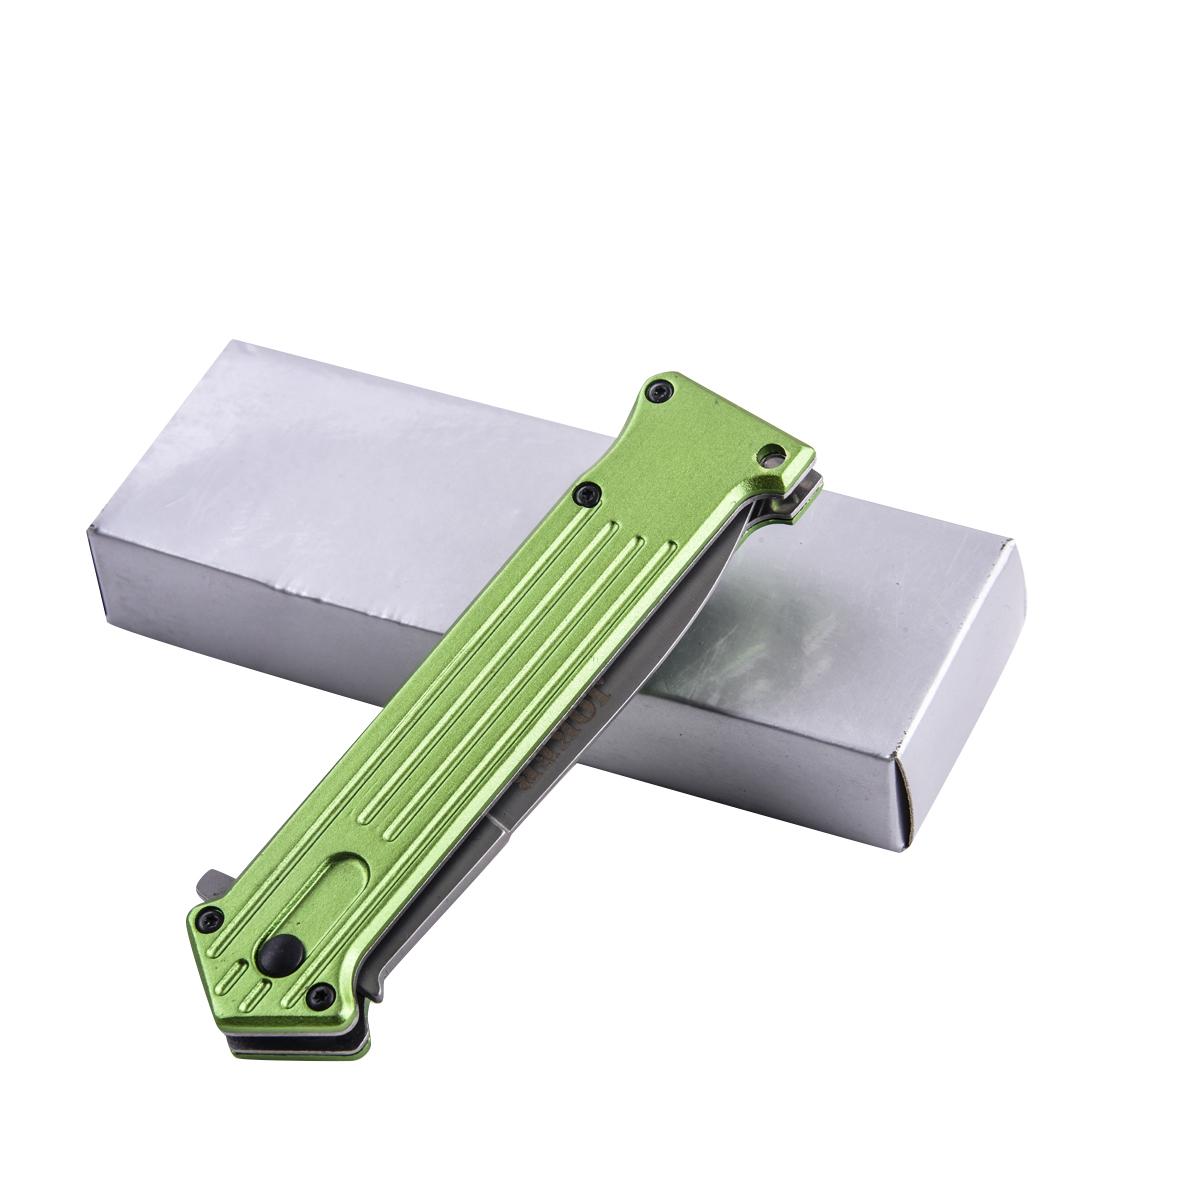 Зеленый складной нож Tac Force Joker Why So Serious (США) с доставкой